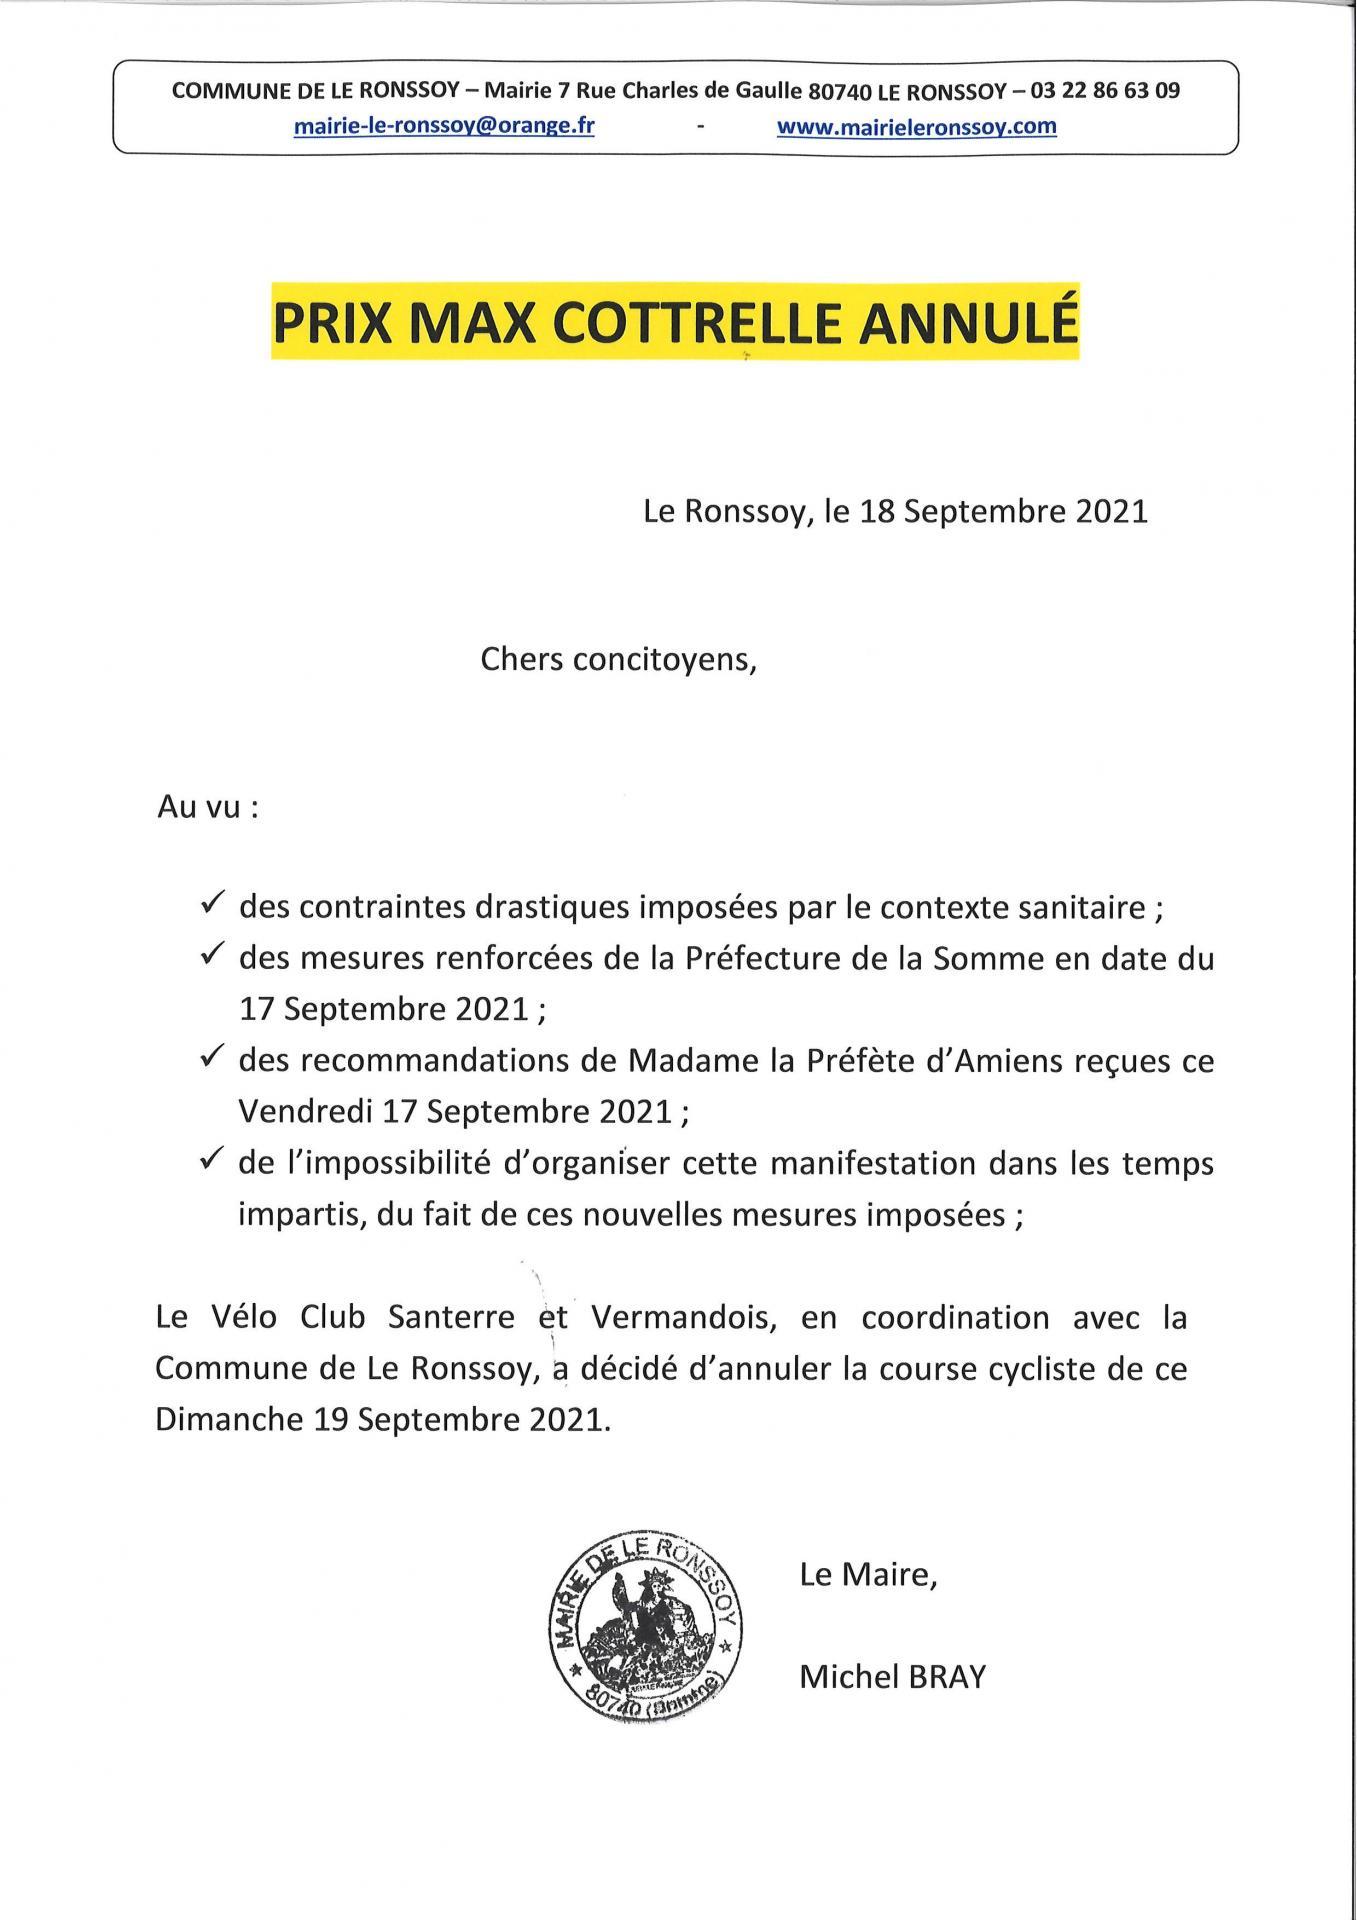 Prix Max Cottrelle annulé 2021